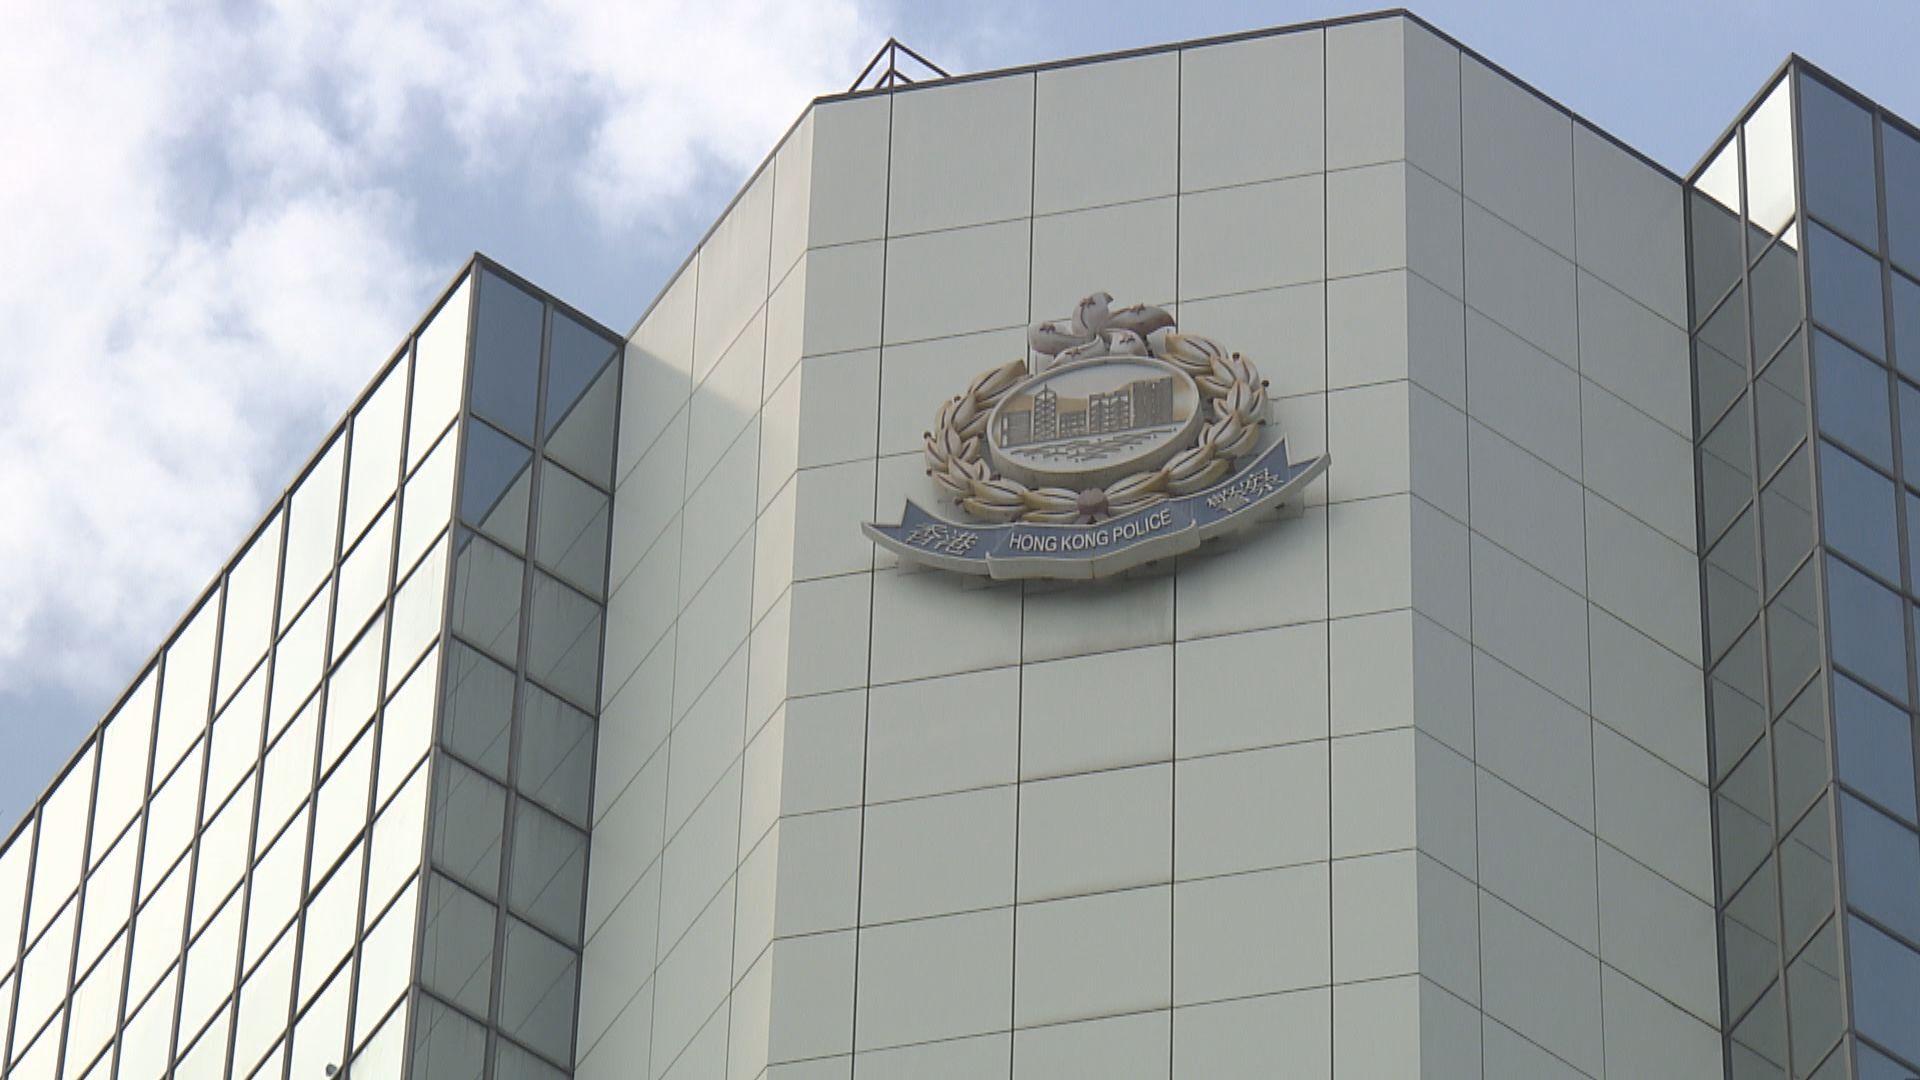 警首兩個月接139宗懷疑電話騙案 騙徒利用疫情行騙